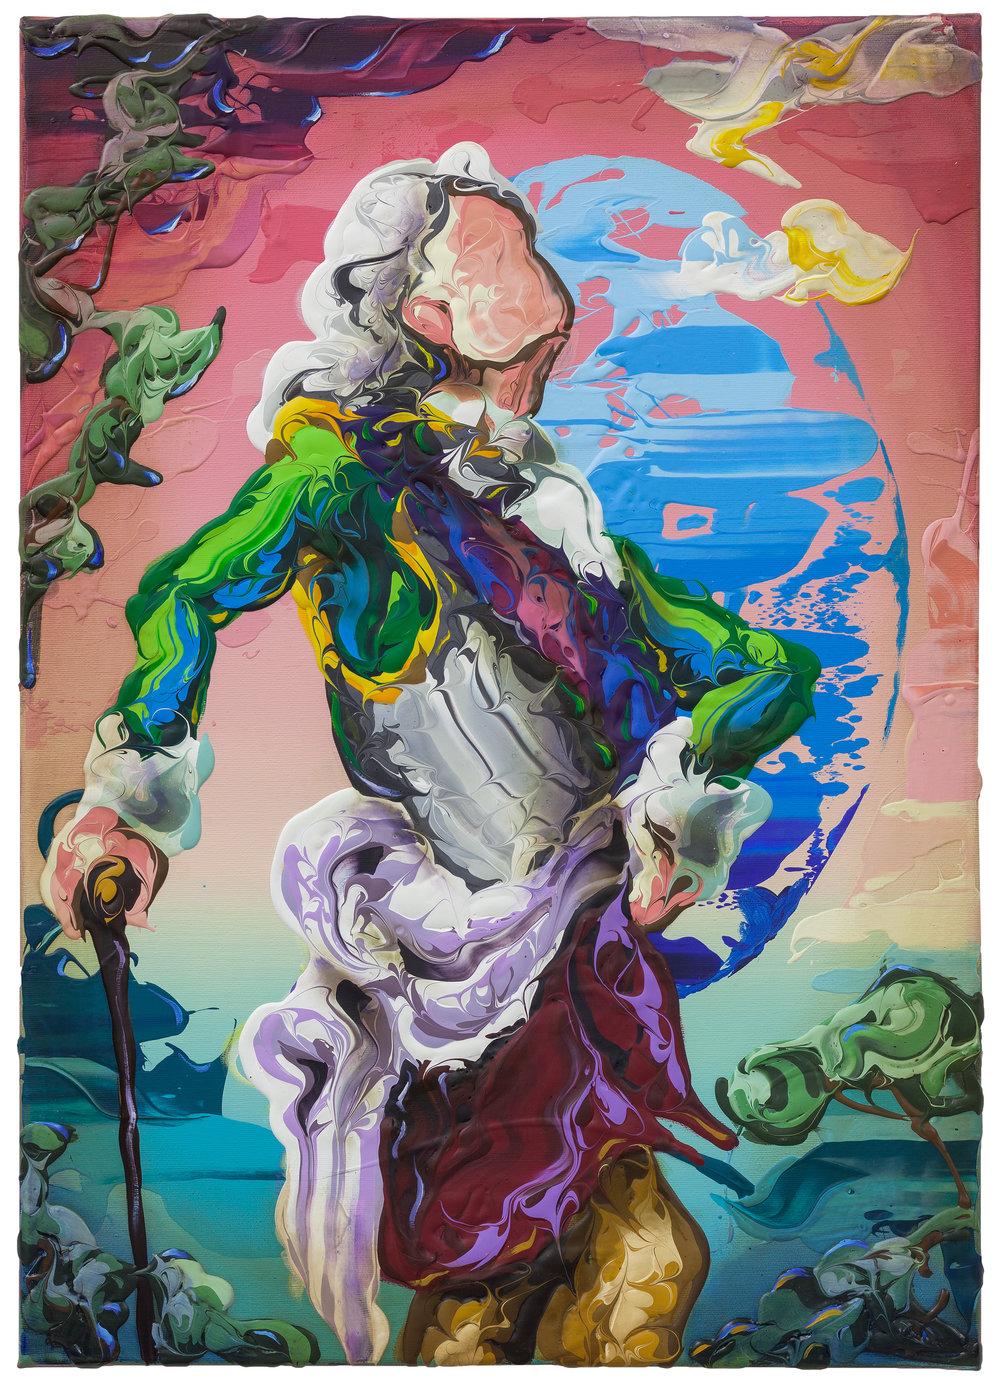 Web-Lennart-Grau-rosamantic-70x50cm-oil-and-acrylics-on-canvas-2018-10-c-Anna-Wasilewski-IMG_0019.jpg